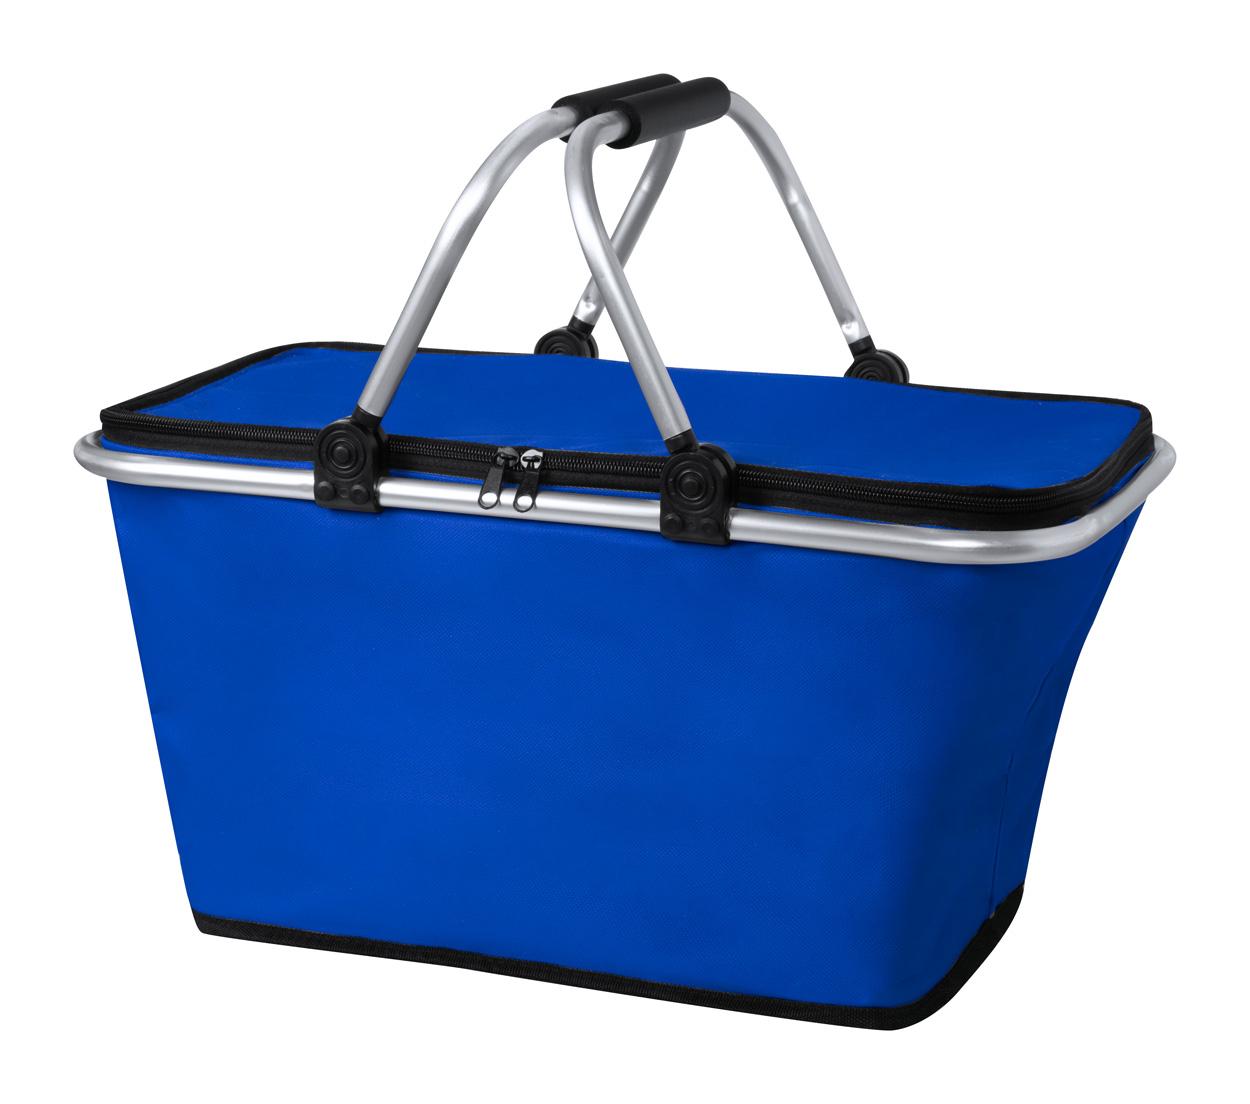 Yonner cooler picnic basket